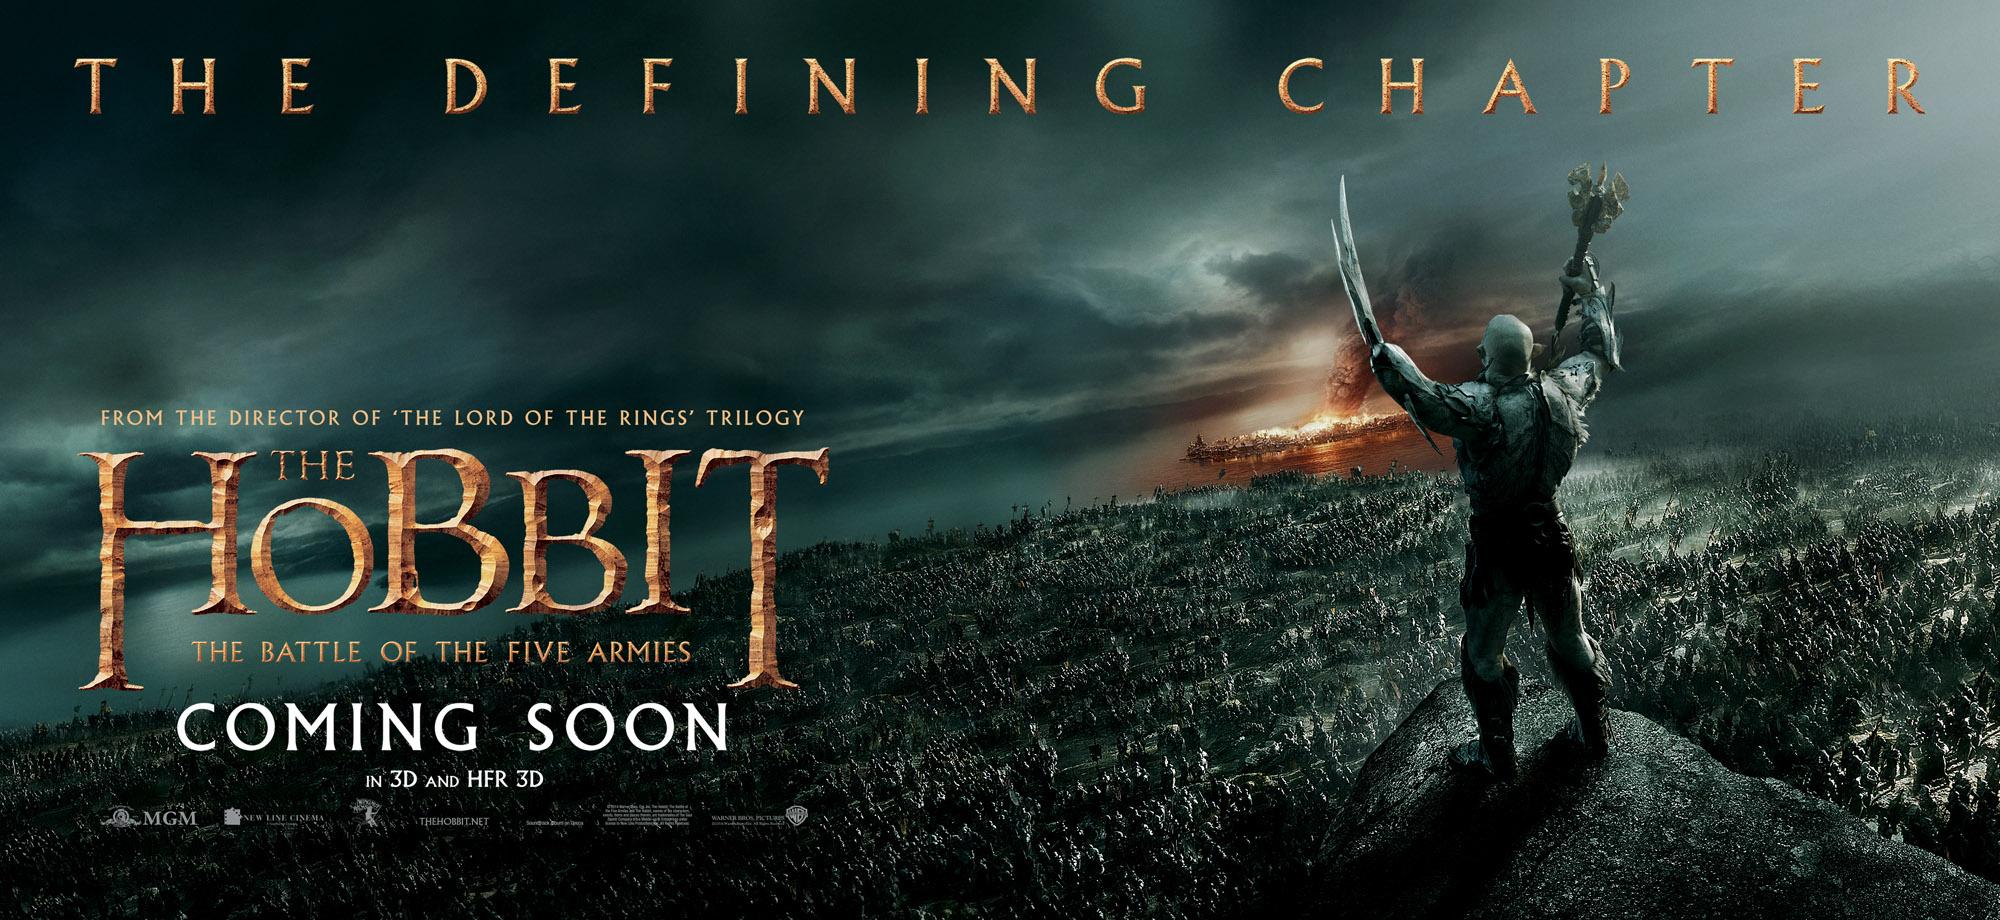 Le Seigneur des Anneaux / The Hobbit #3 HBOFA_30sht_AzogBattle_RGB_INTL_master